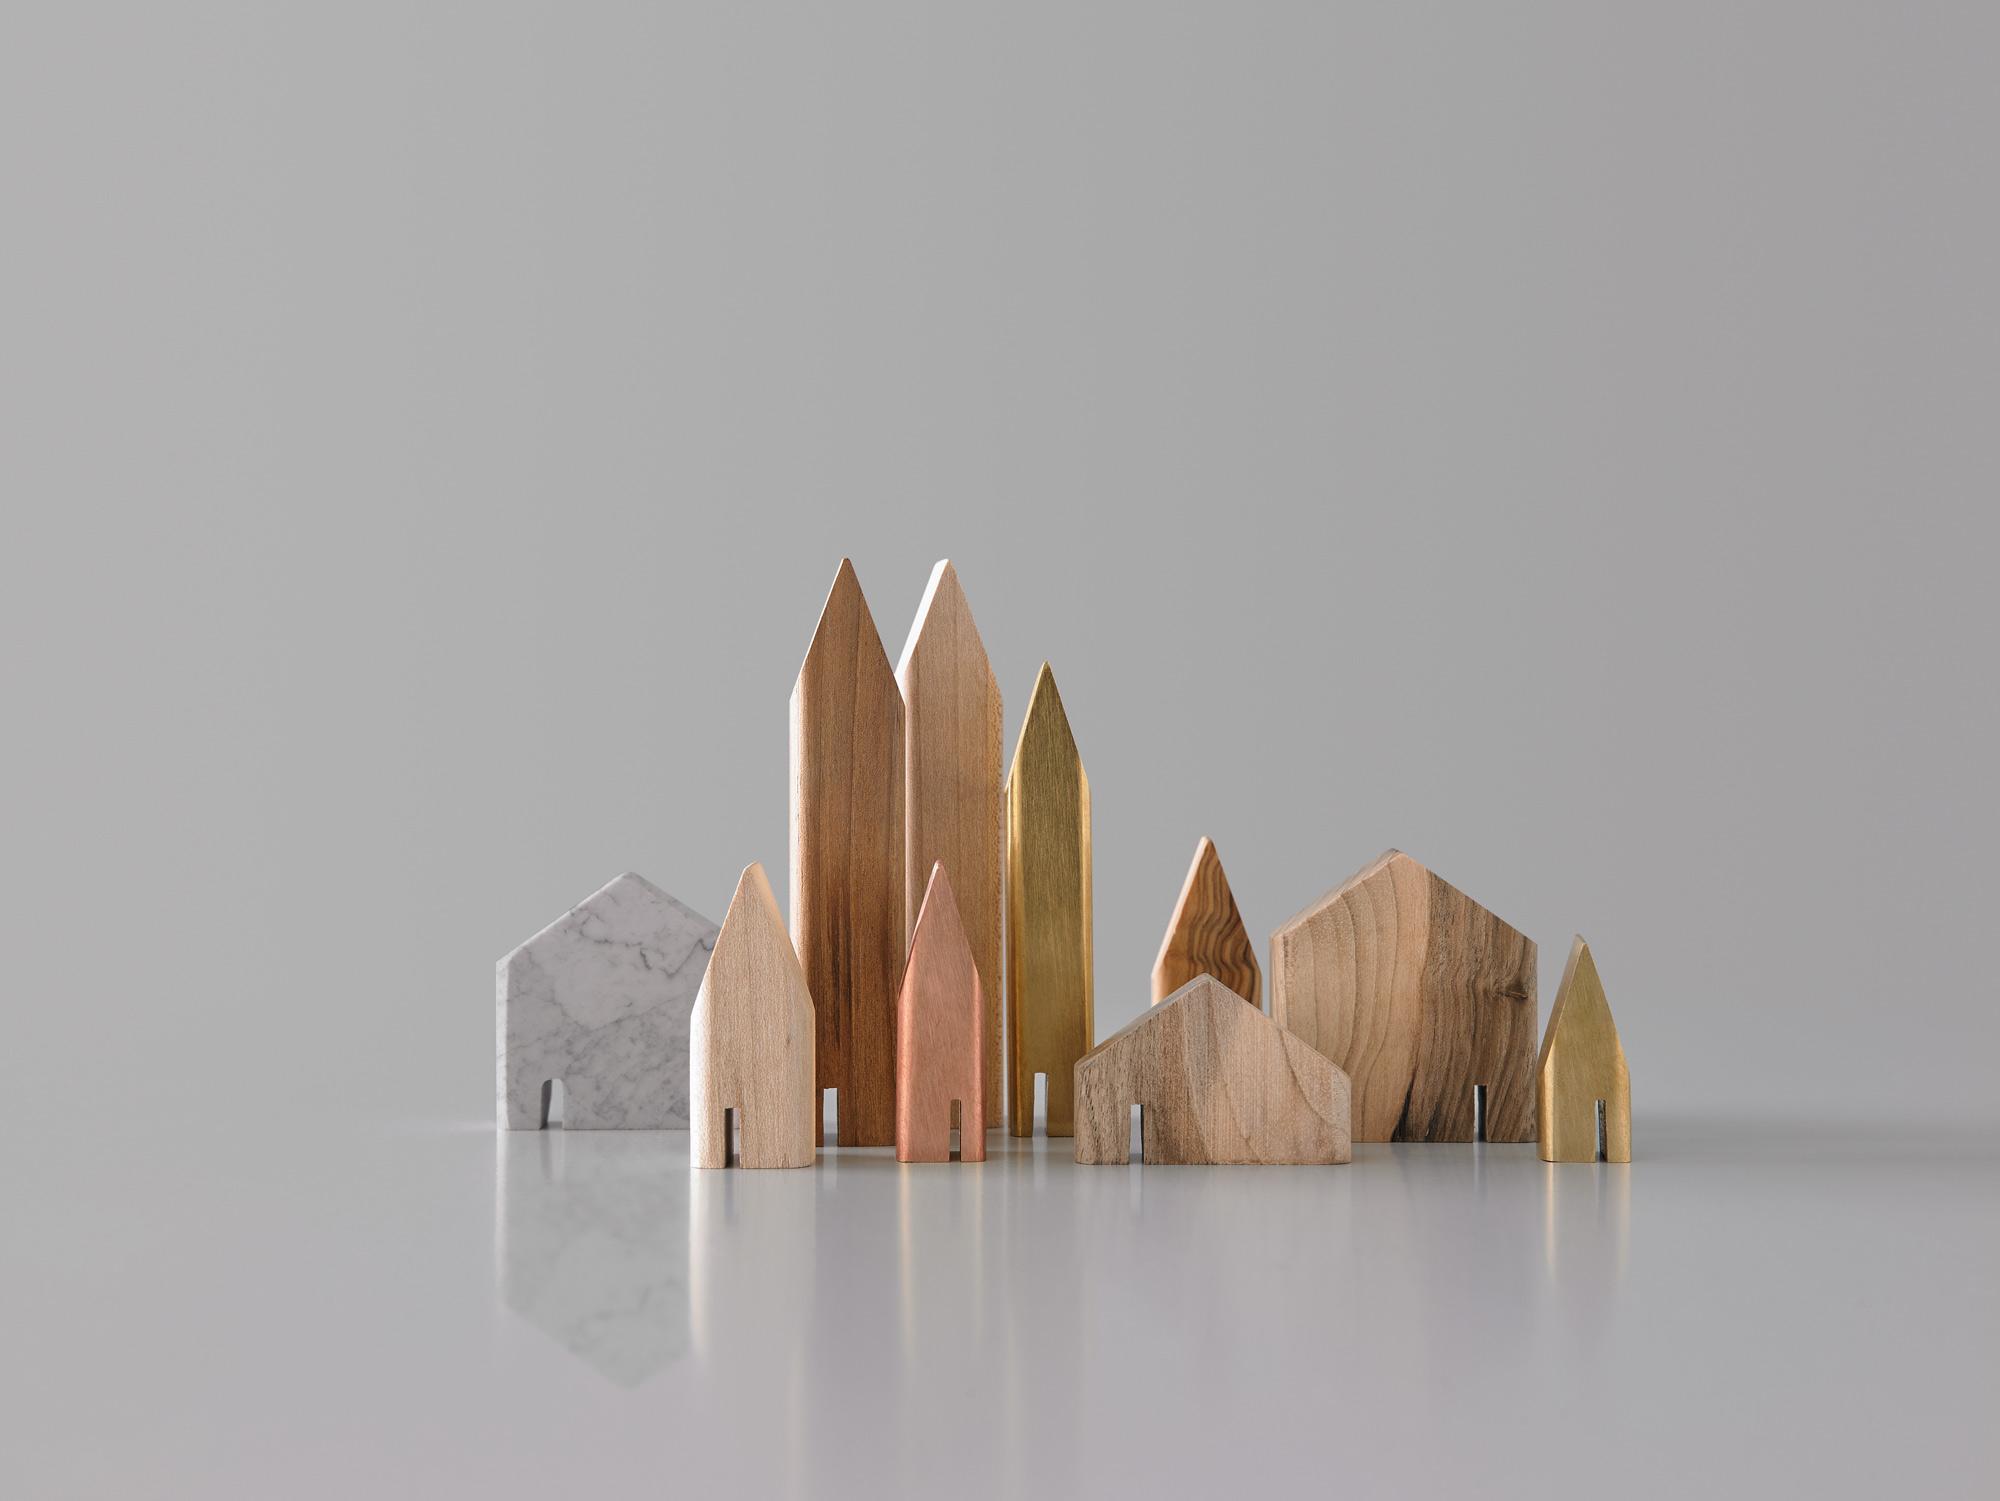 Minihouses